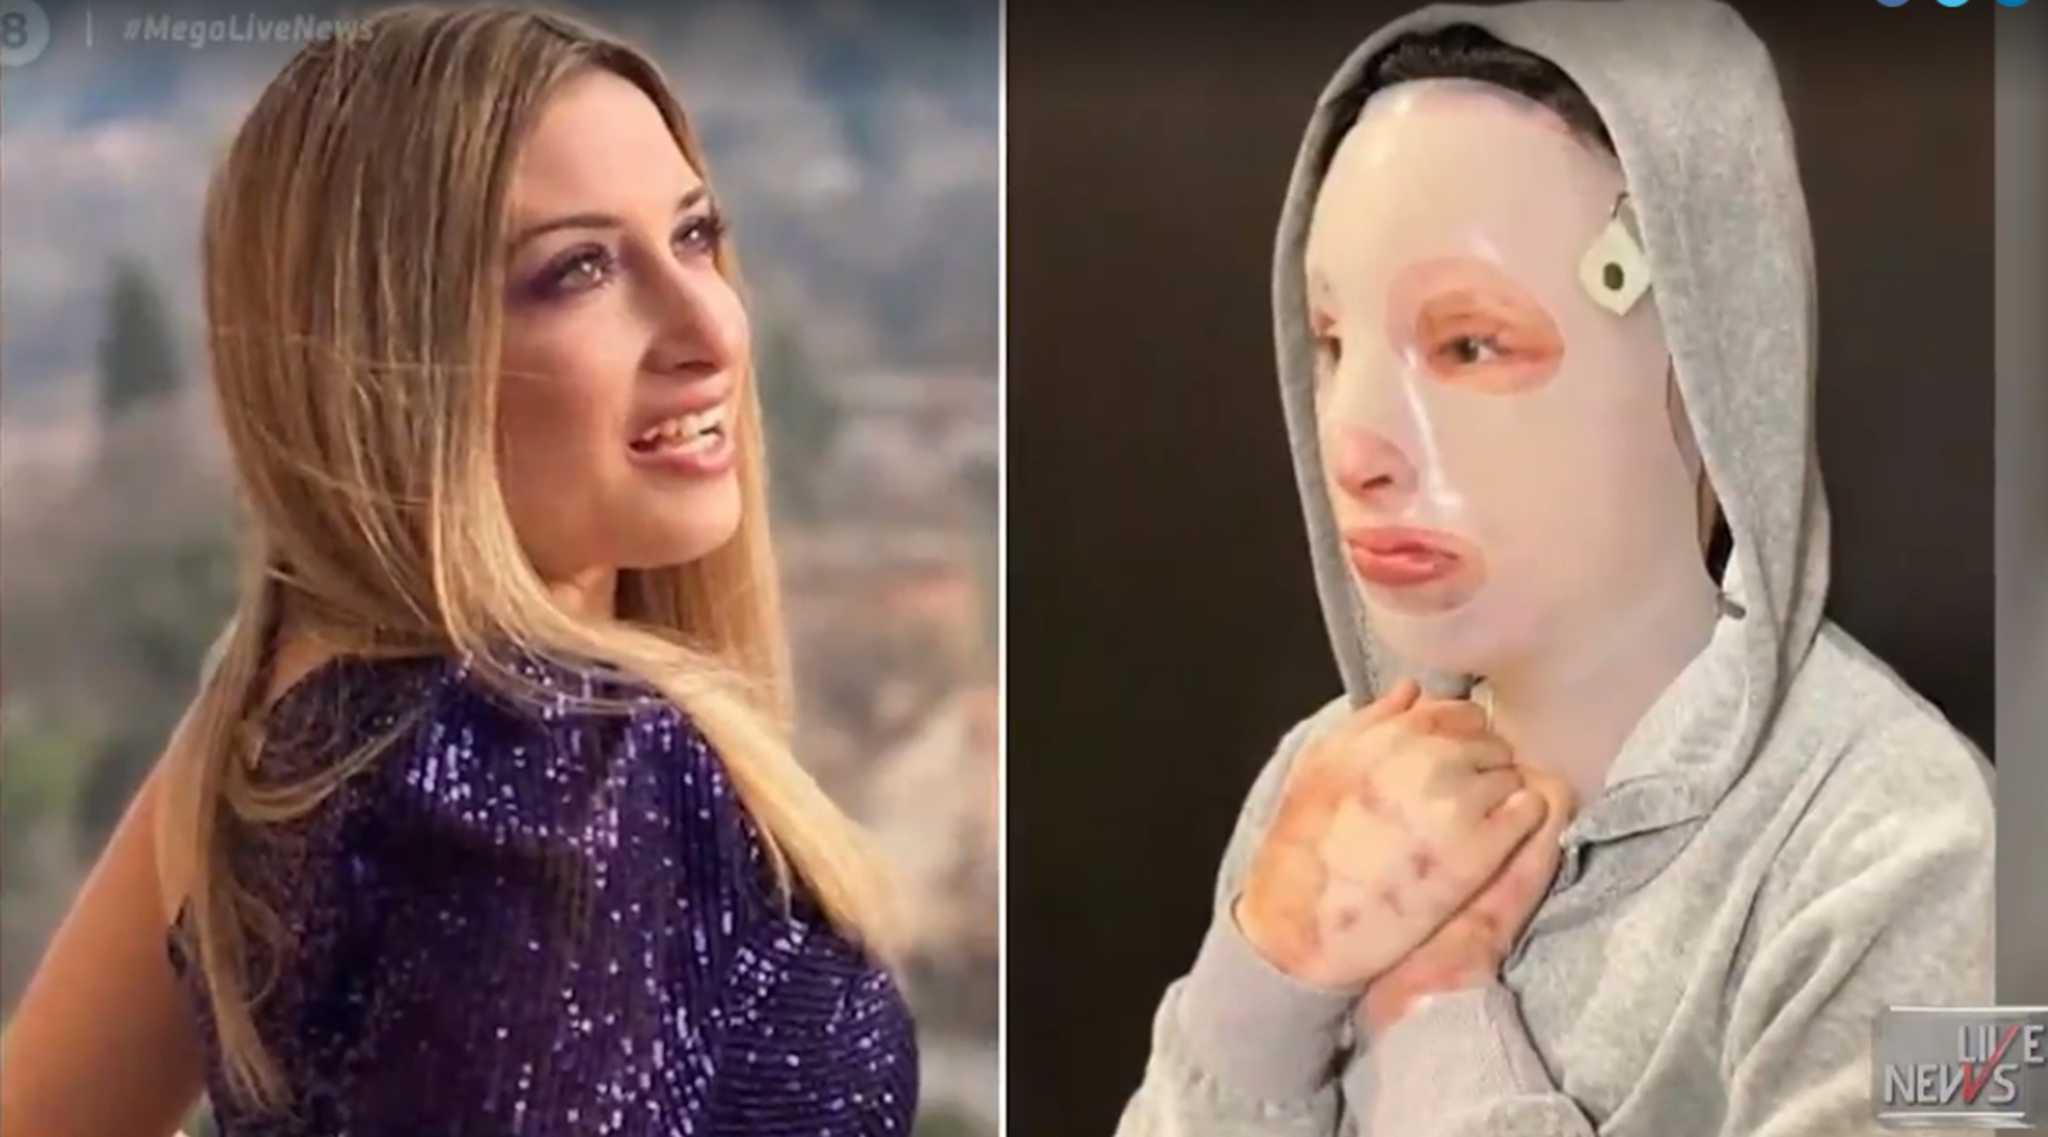 Επίθεση με βιτριόλι: Η Ιωάννα δημοσίευσε τα δώρα που της έστειλαν παιδάκια